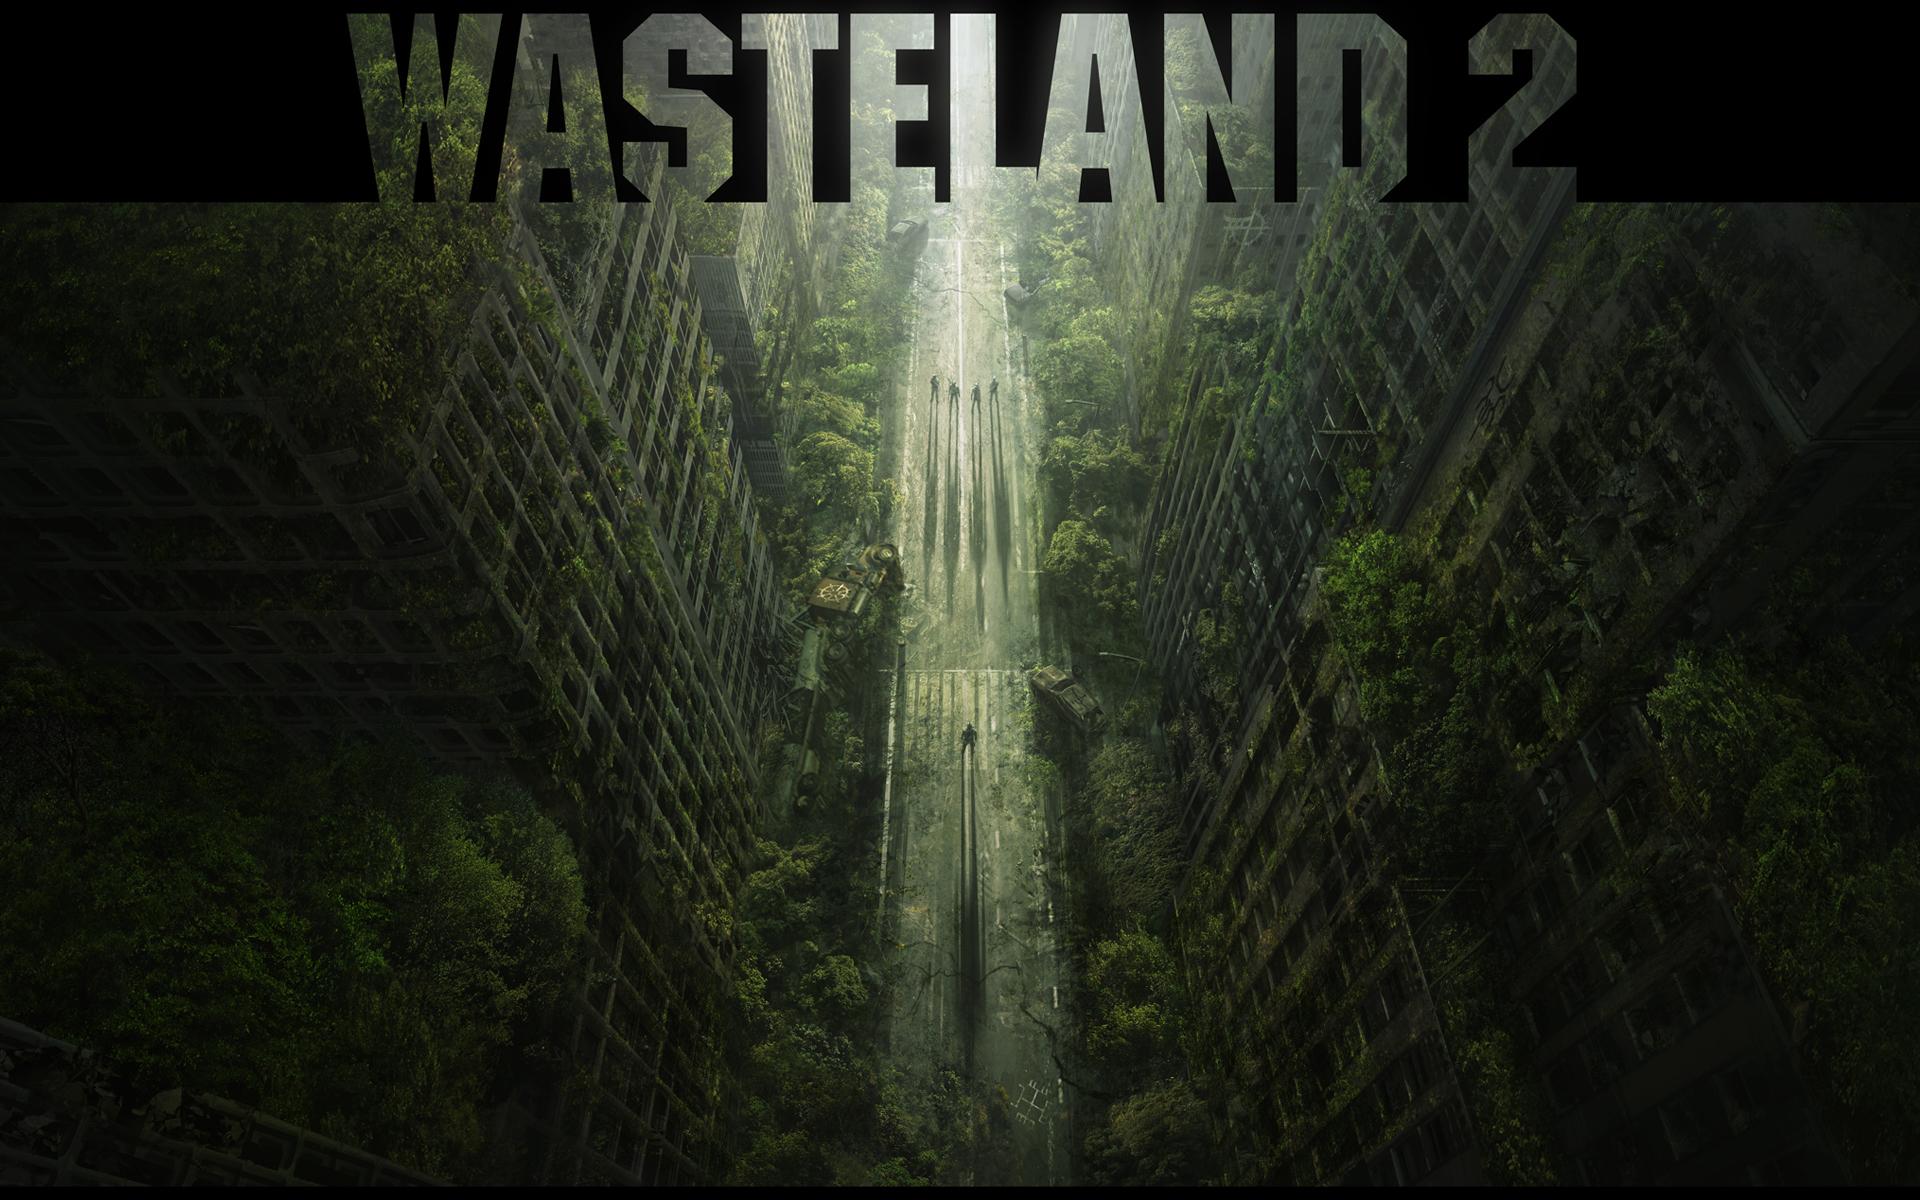 Wasteland 2 se Aproxima da Reta Final para ser Lançado